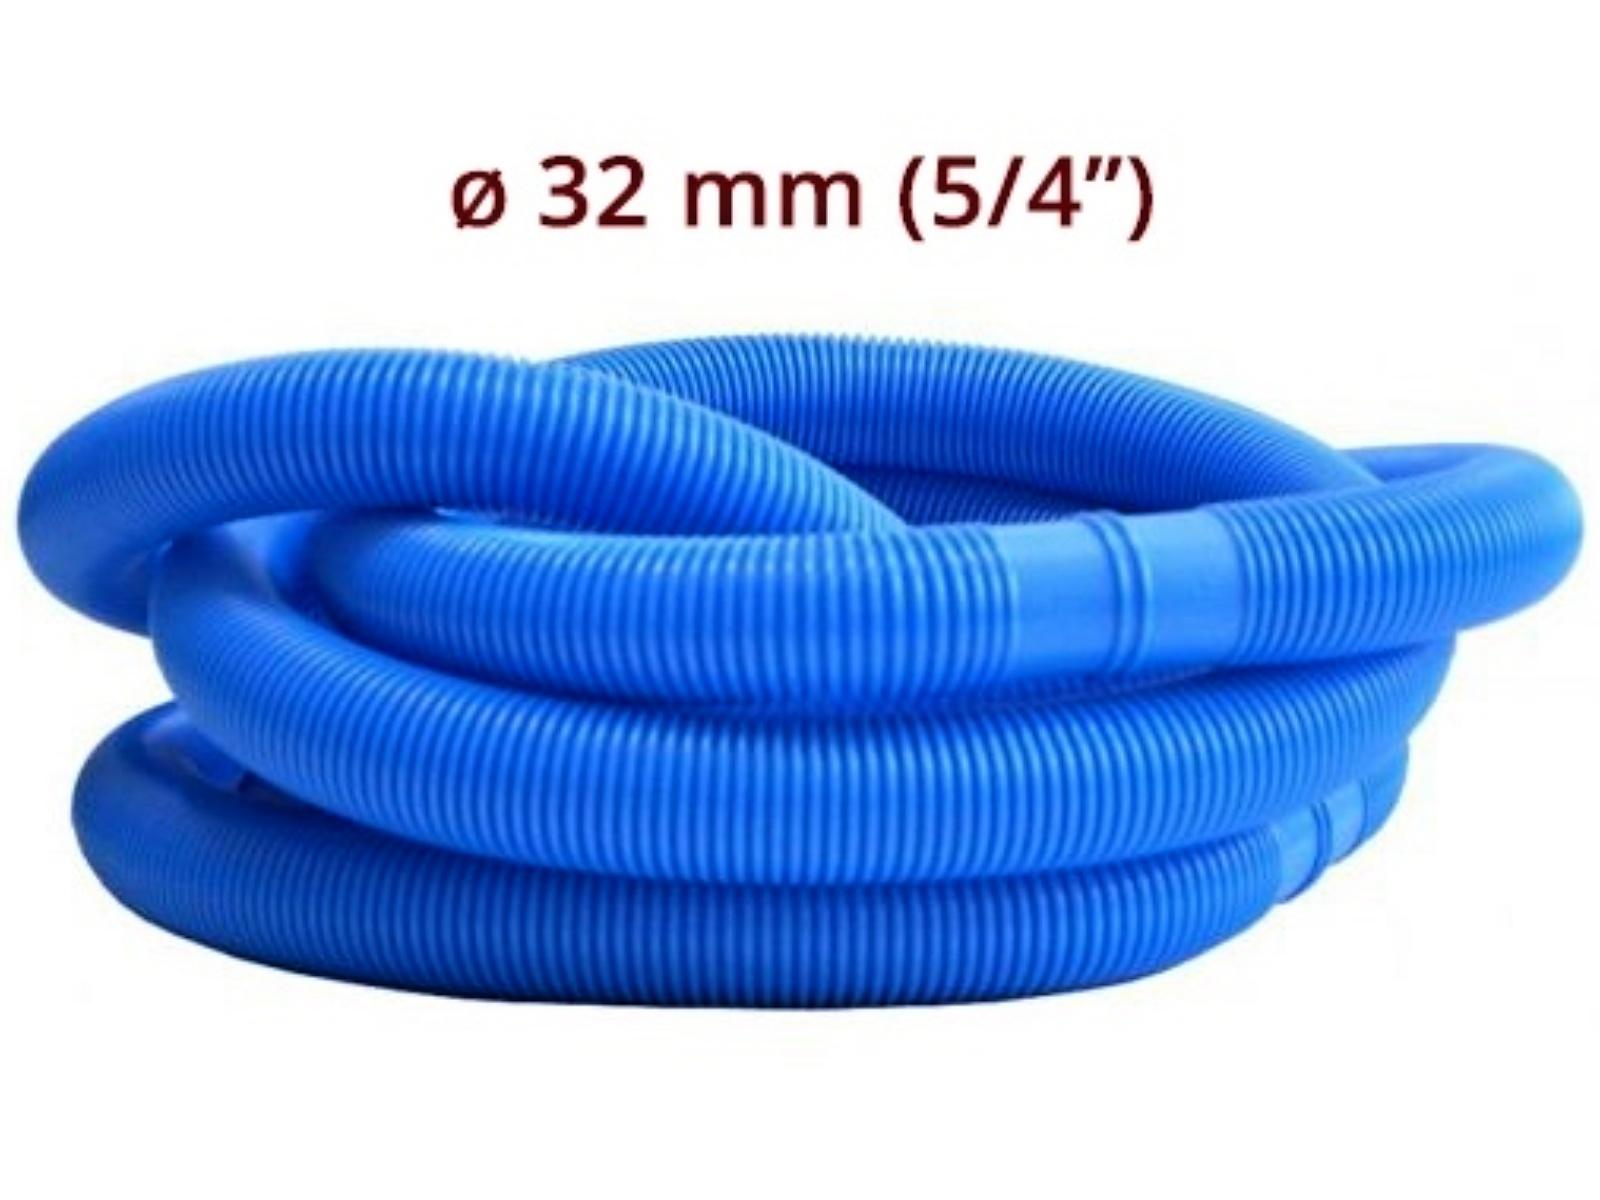 MARIMEX 11001001 Bazénová hadice 1,25 m - 3,2 mm